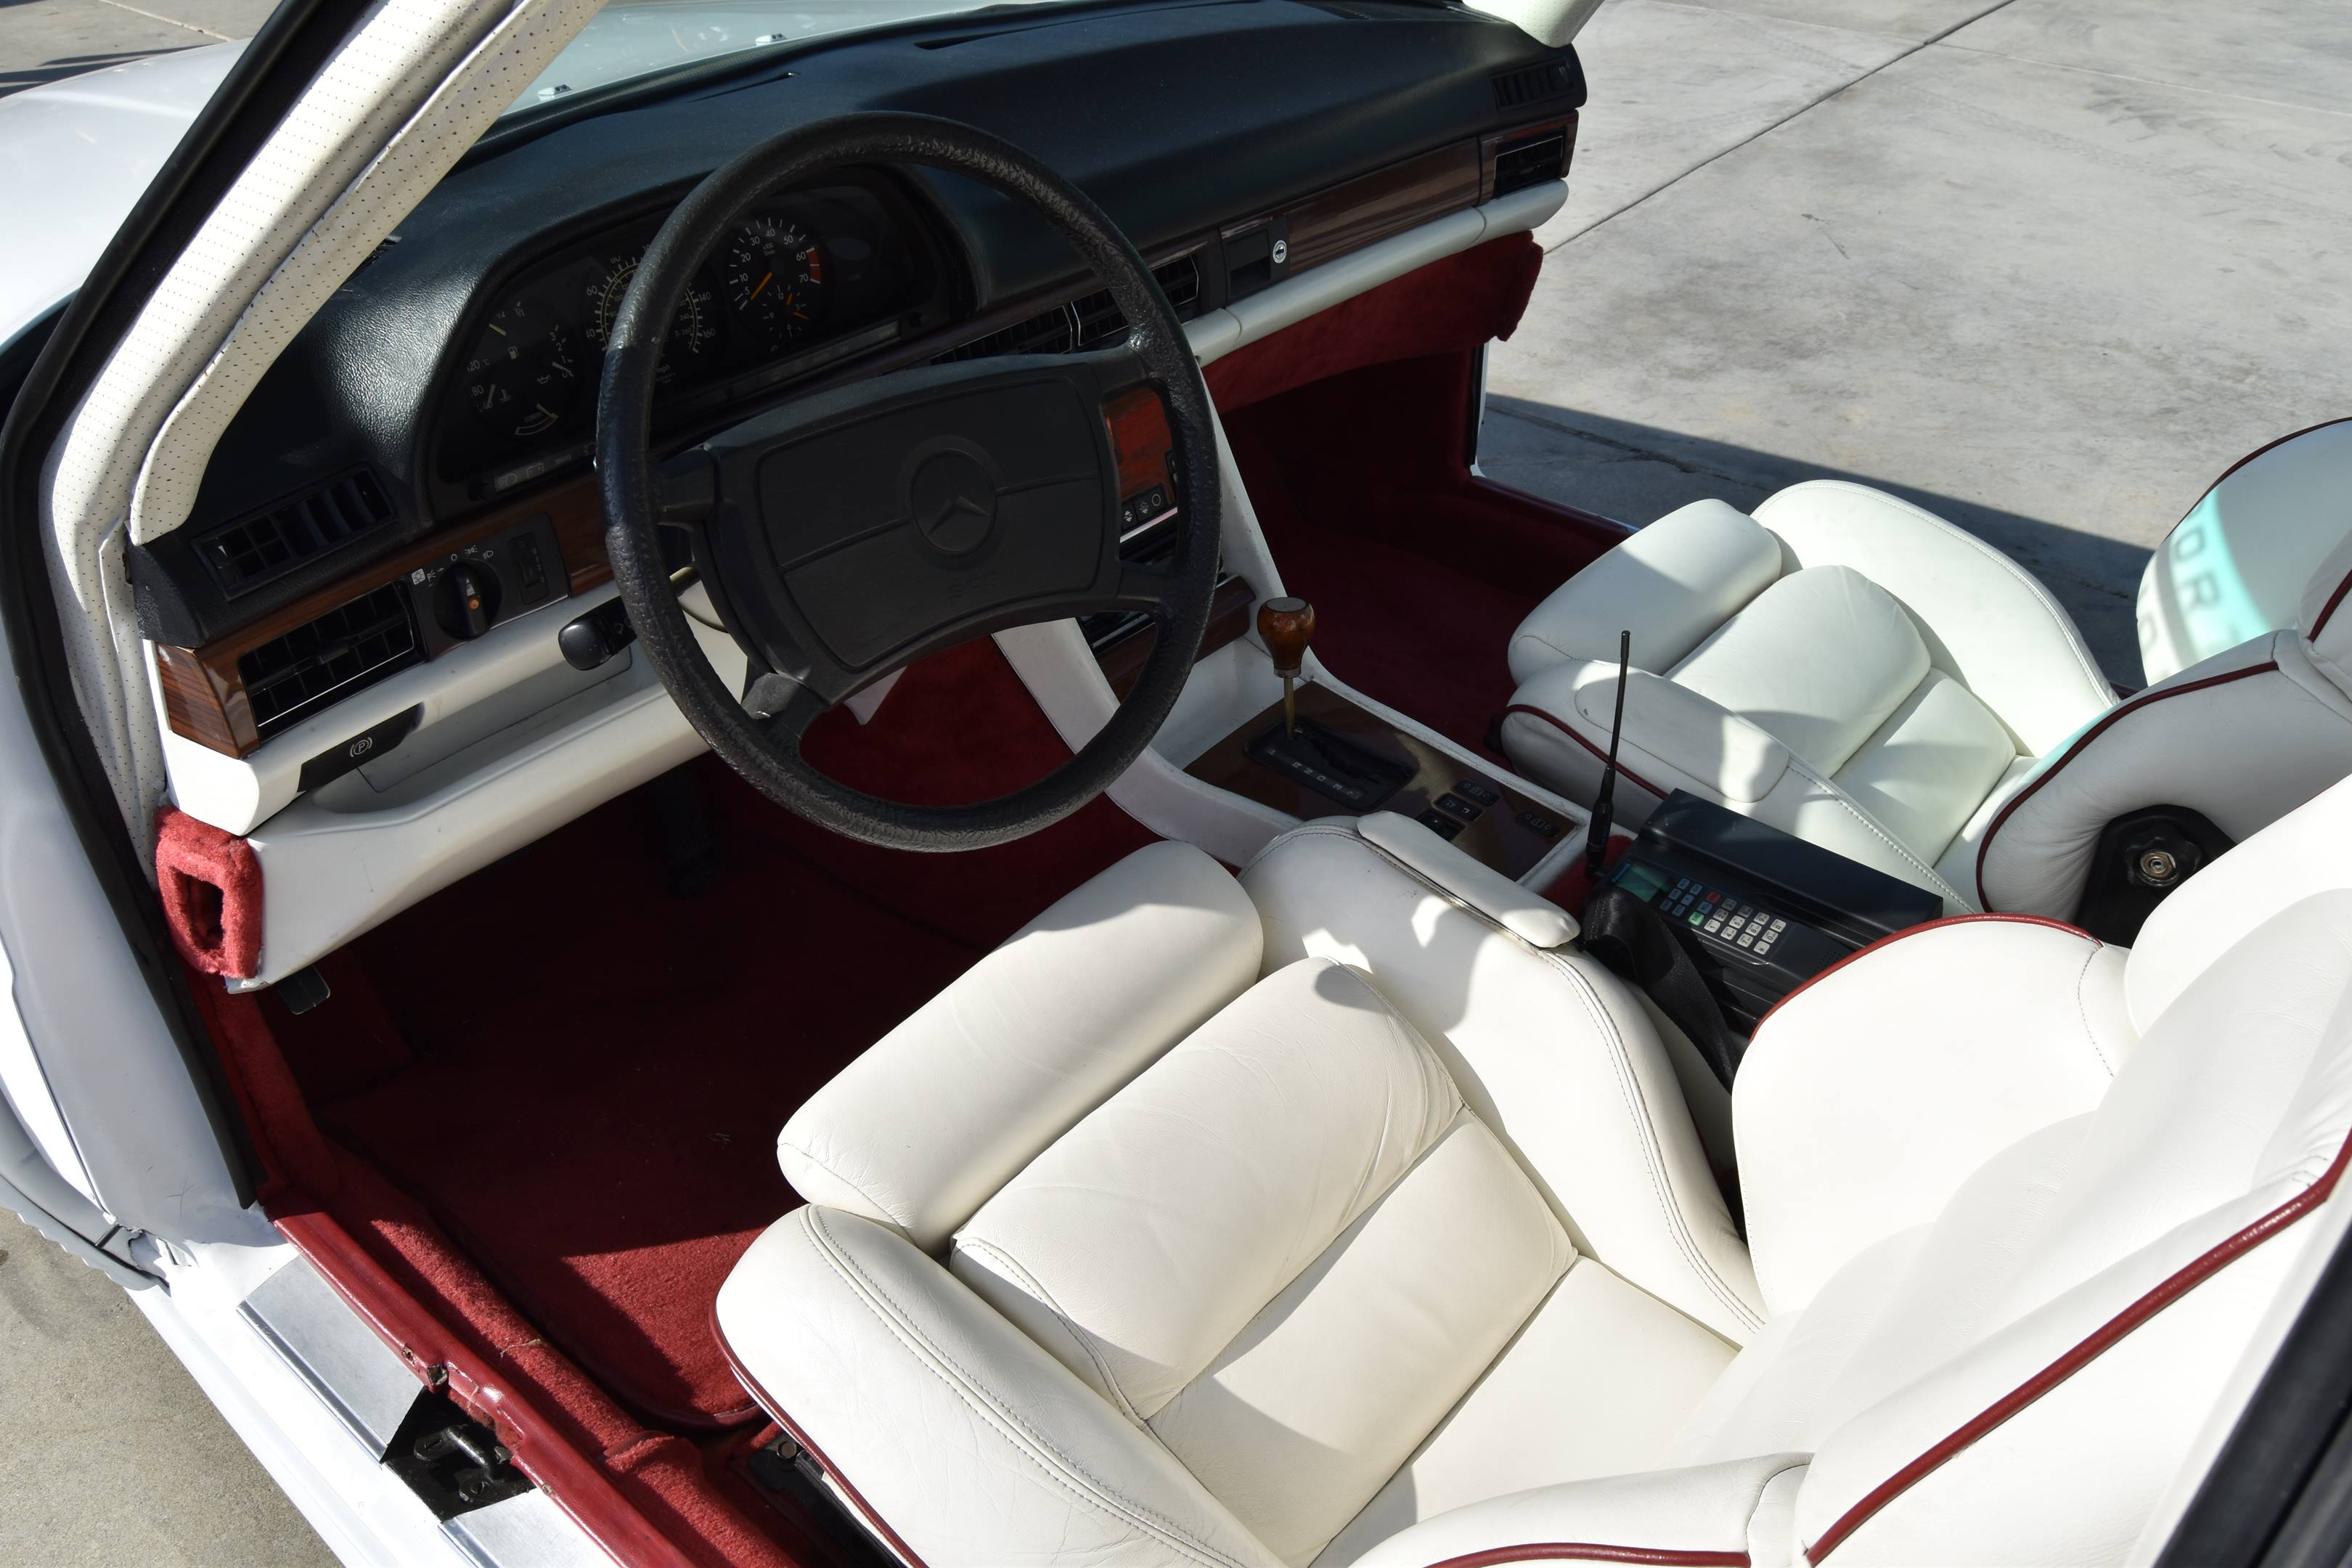 1983 Mercedes-Benz 500SEC Gullwing interior